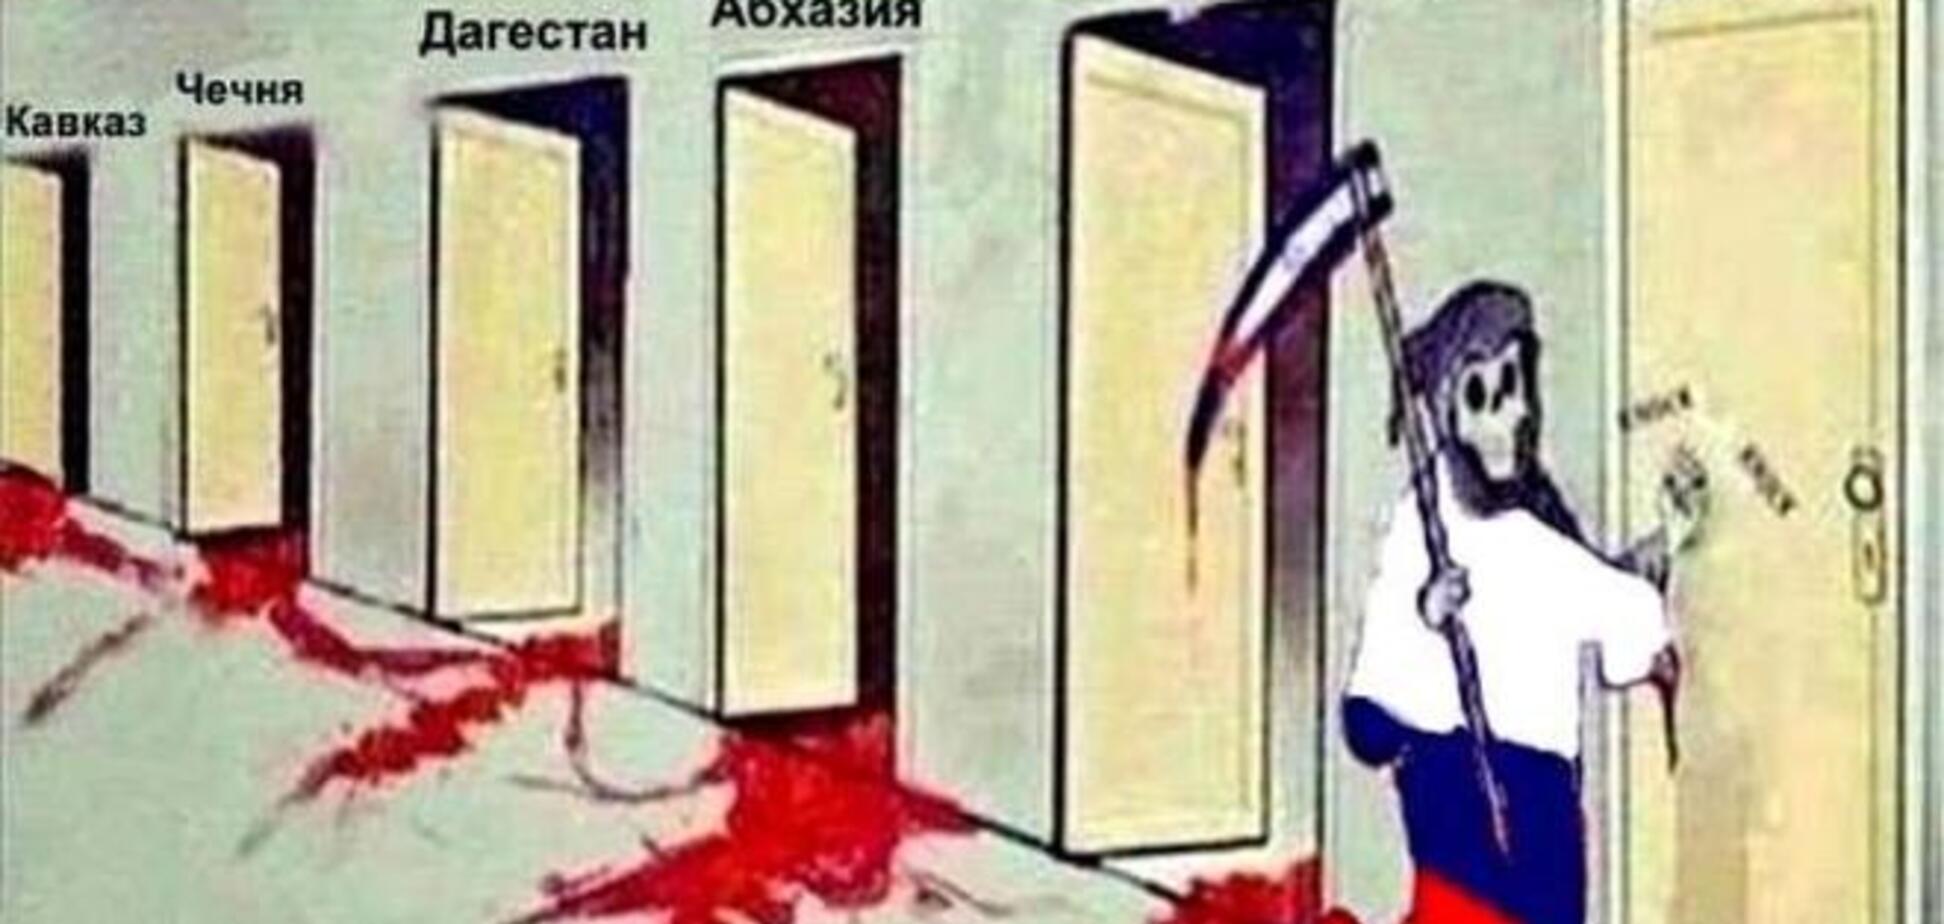 Признание России агрессором: что получит Киев и потеряет Москва